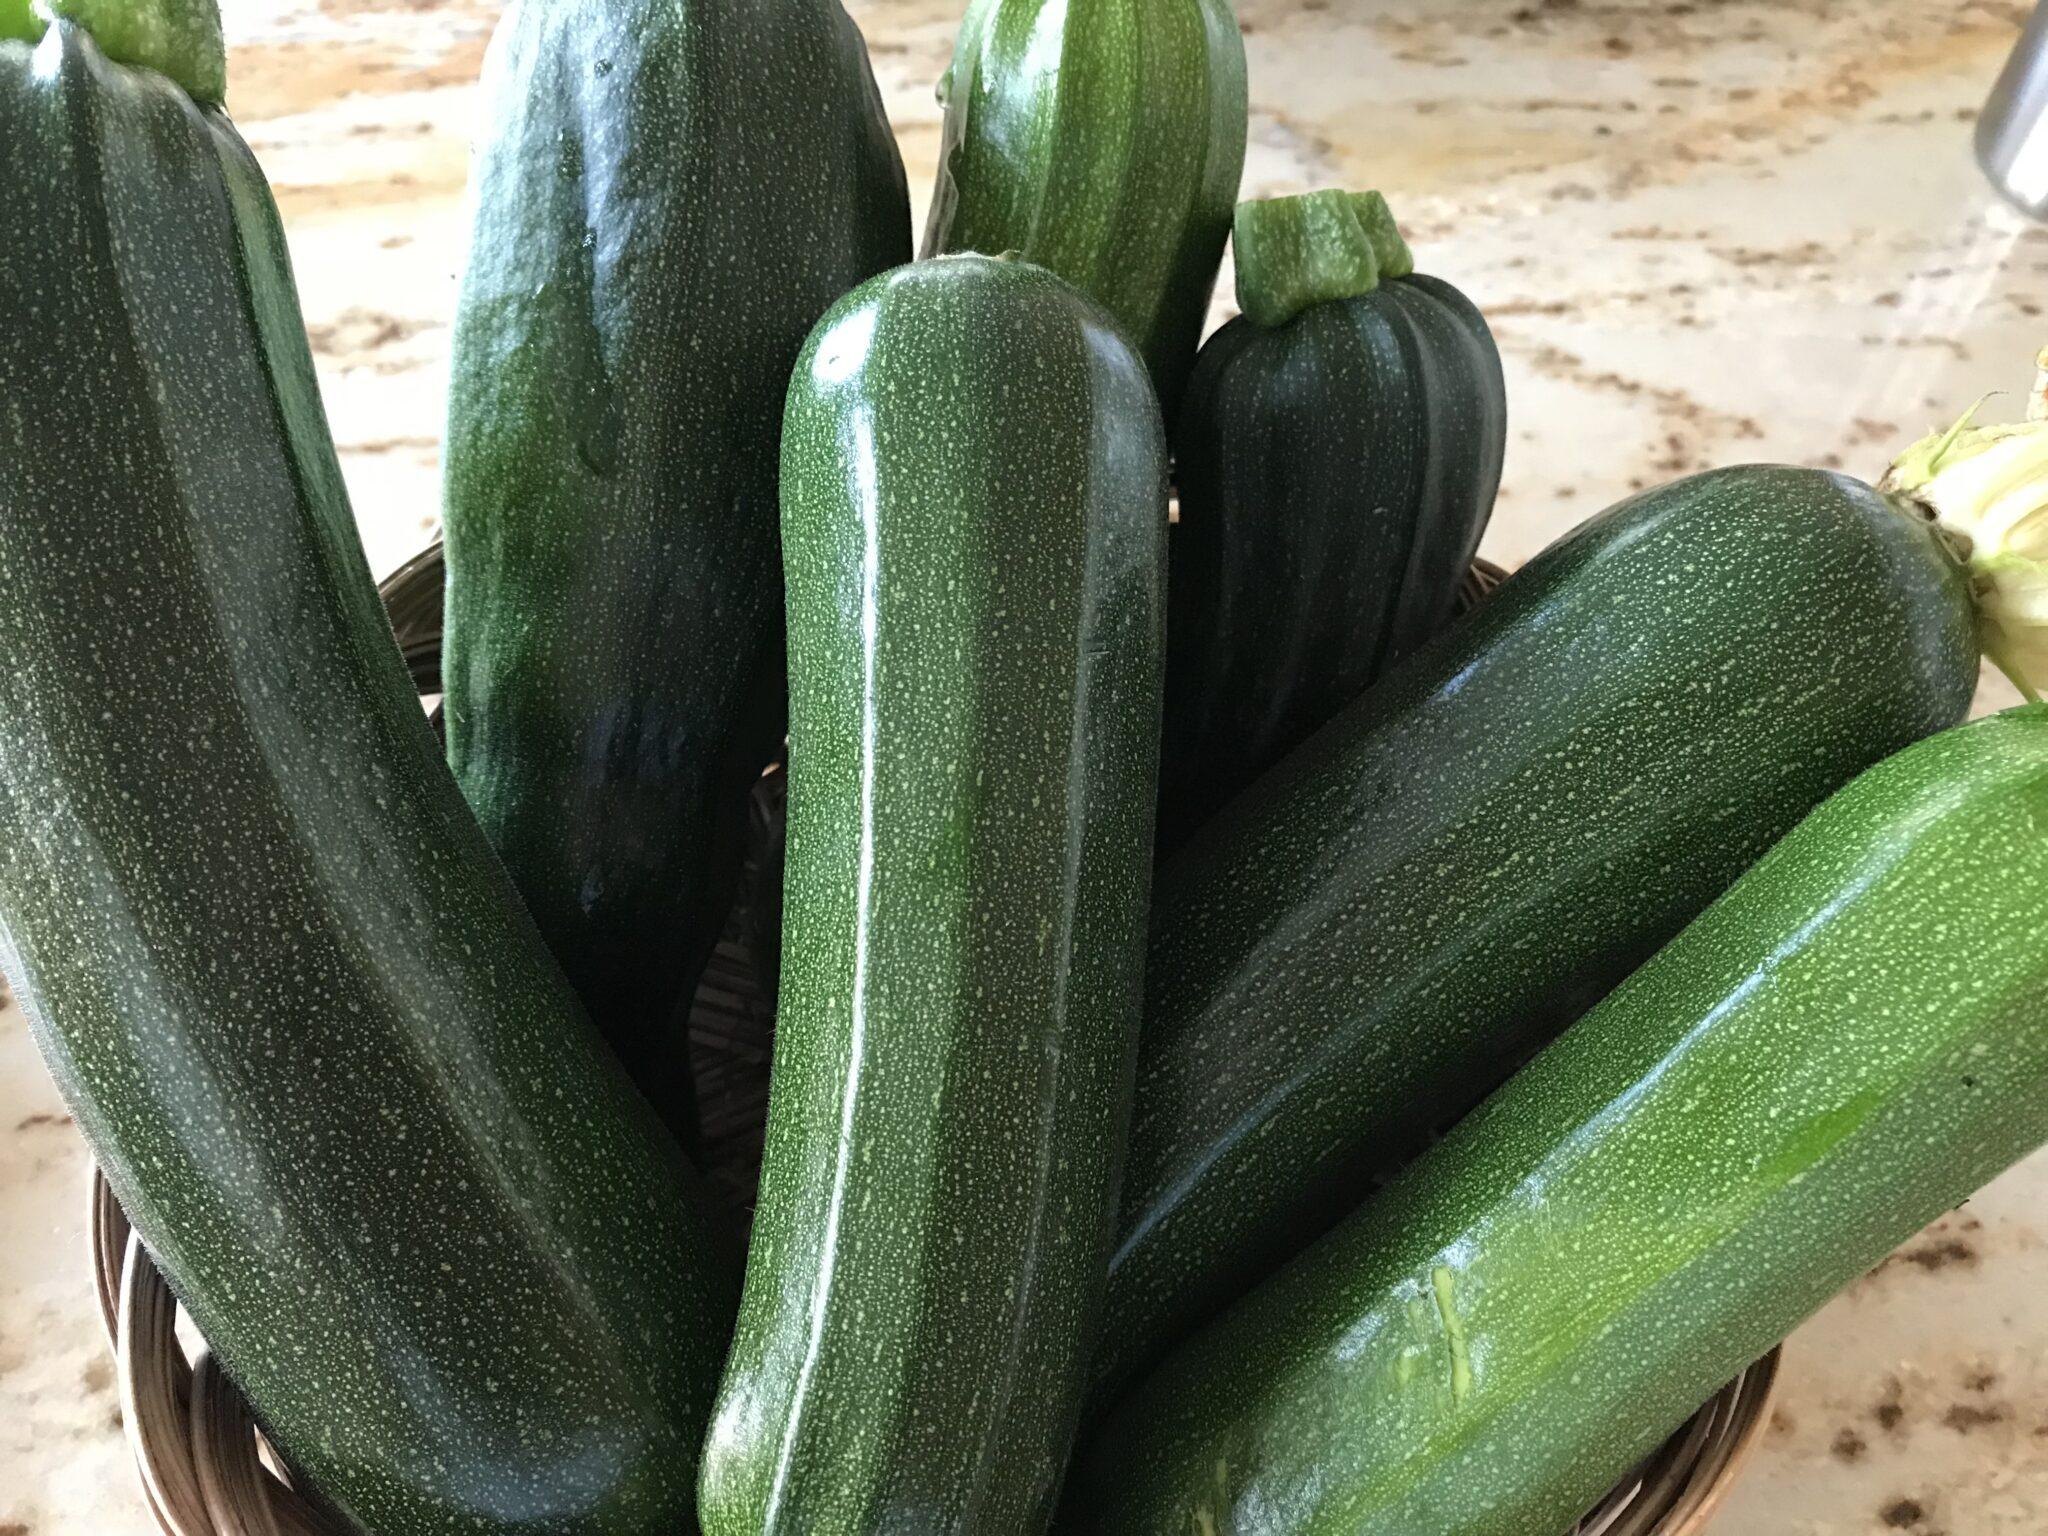 Let The Zucchini Recipes Begin… Again!